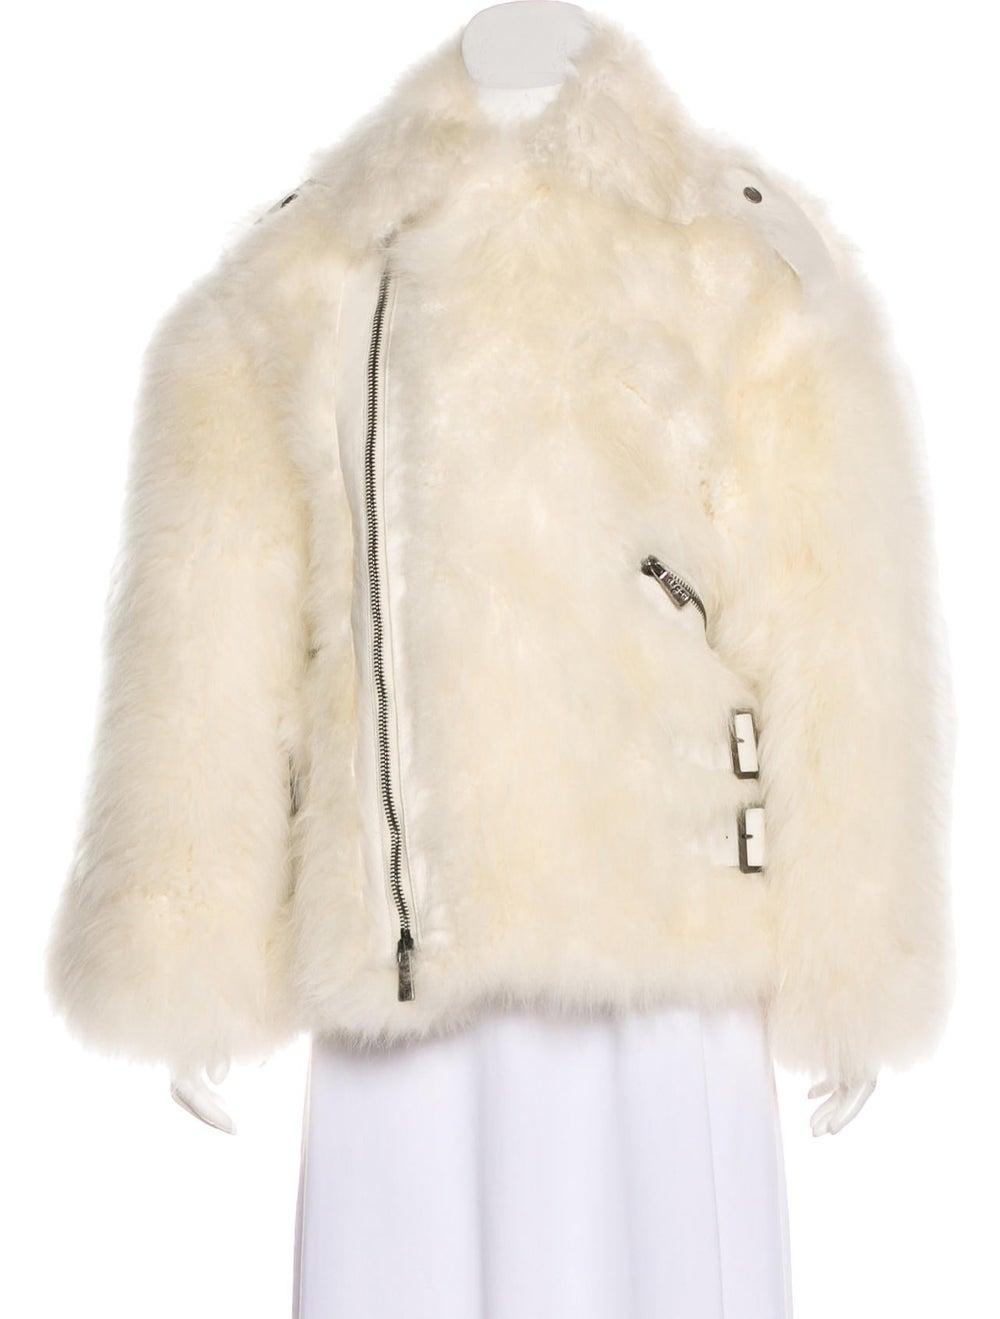 Hogan Shearling Leather Jacket - image 4